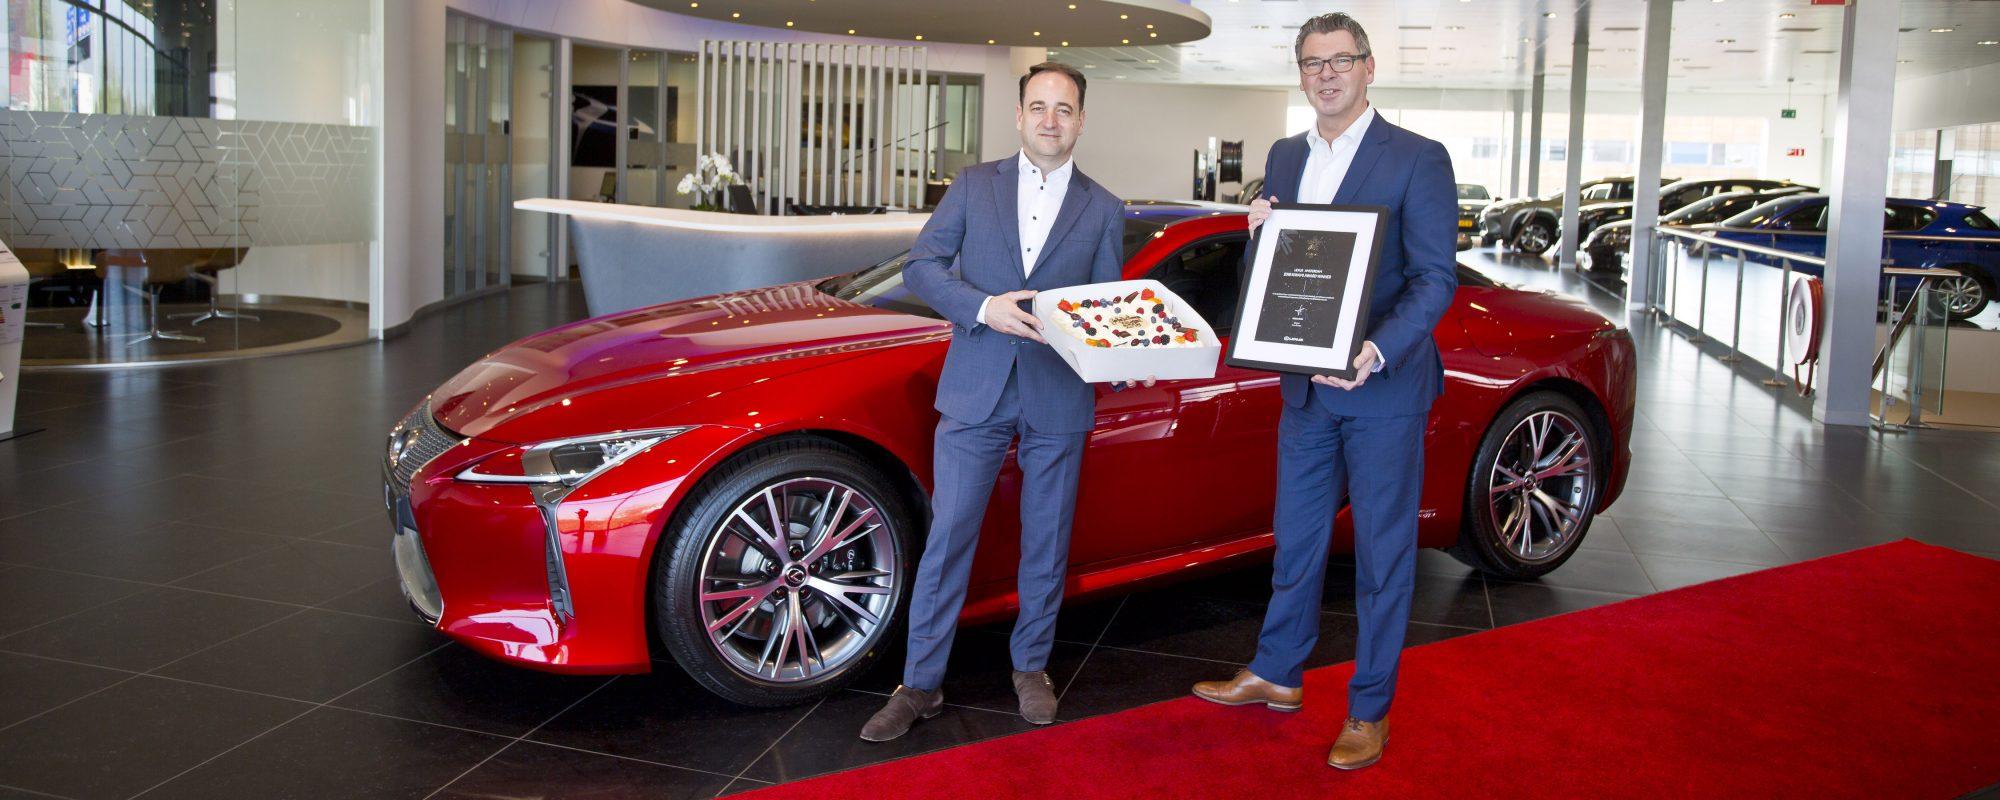 Lexus Amsterdam verkozen tot top 10 beste Lexus dealers van Europa